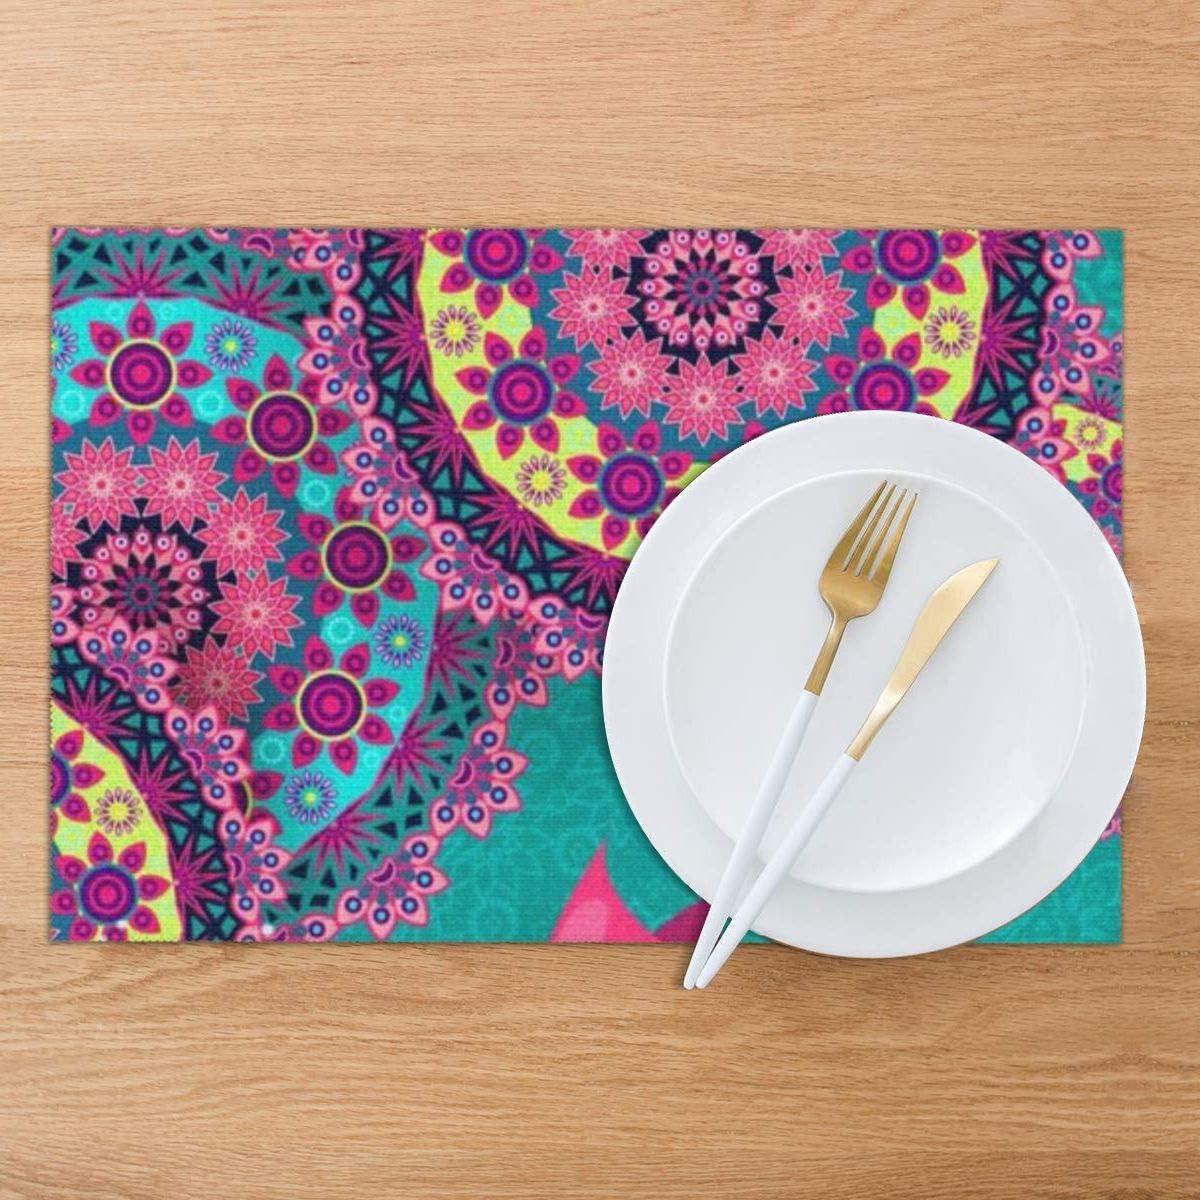 coloridas flores 12 x 18 pulgadas lavables antideslizantes resistentes al calor Juego de 6 manteles individuales vintage manteles individuales